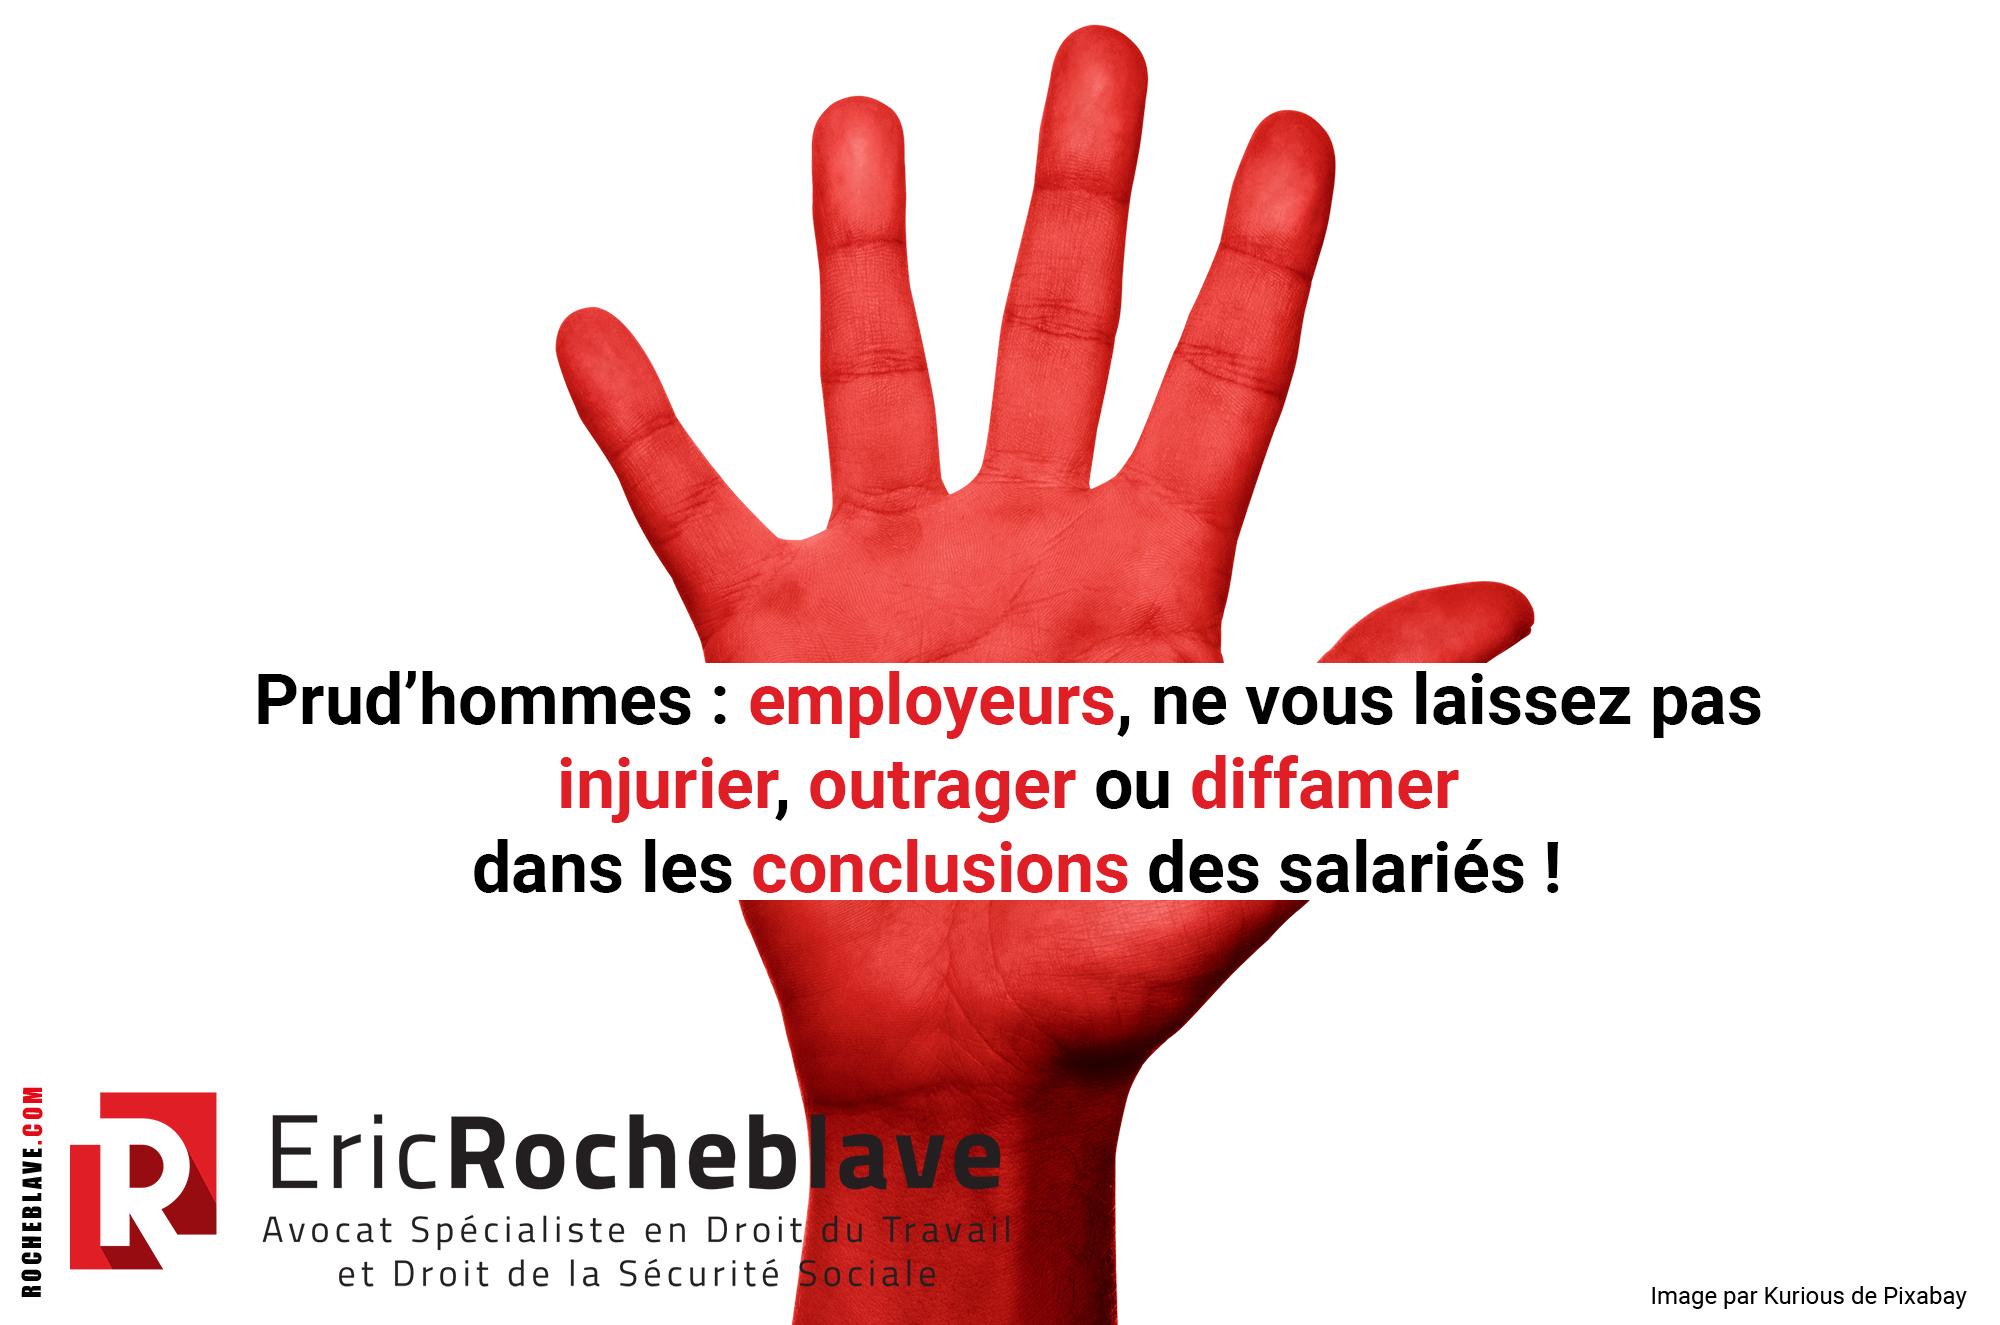 Prud'hommes : employeurs, ne vous laissez pas injurier, outrager ou diffamer dans les conclusions des salariés !